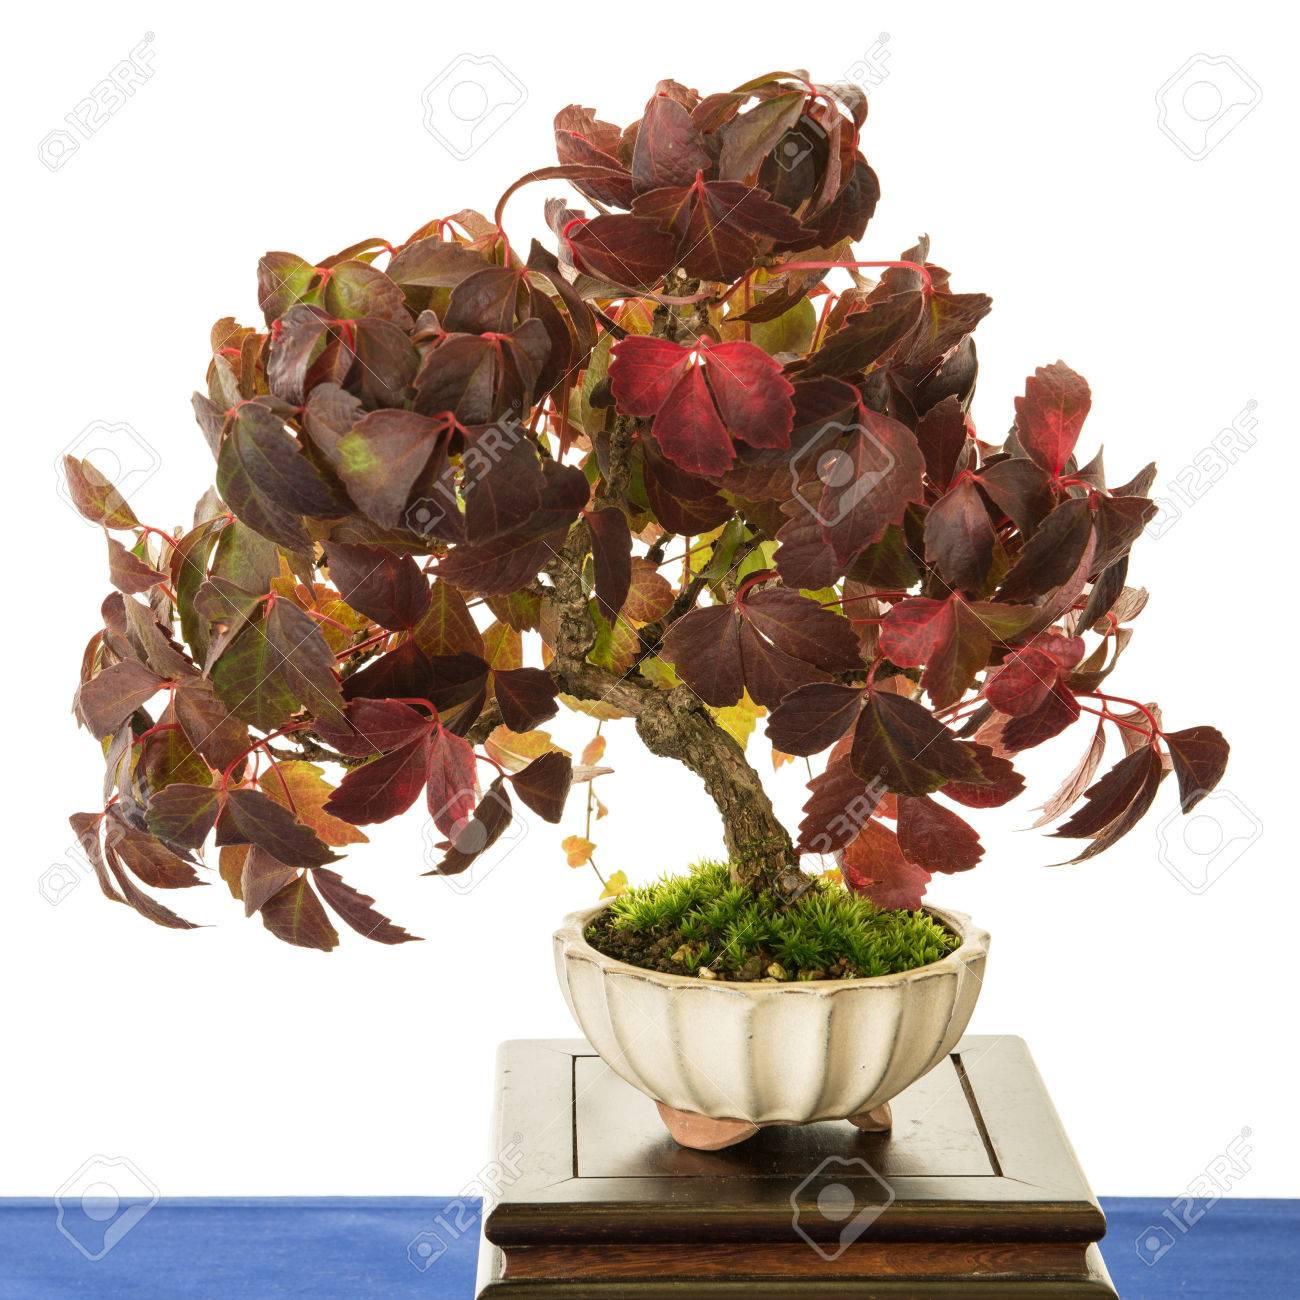 Weiß Isoliert Gemeinsame Traube Reben Bonsai-Baum (Vitis Vinifera ...